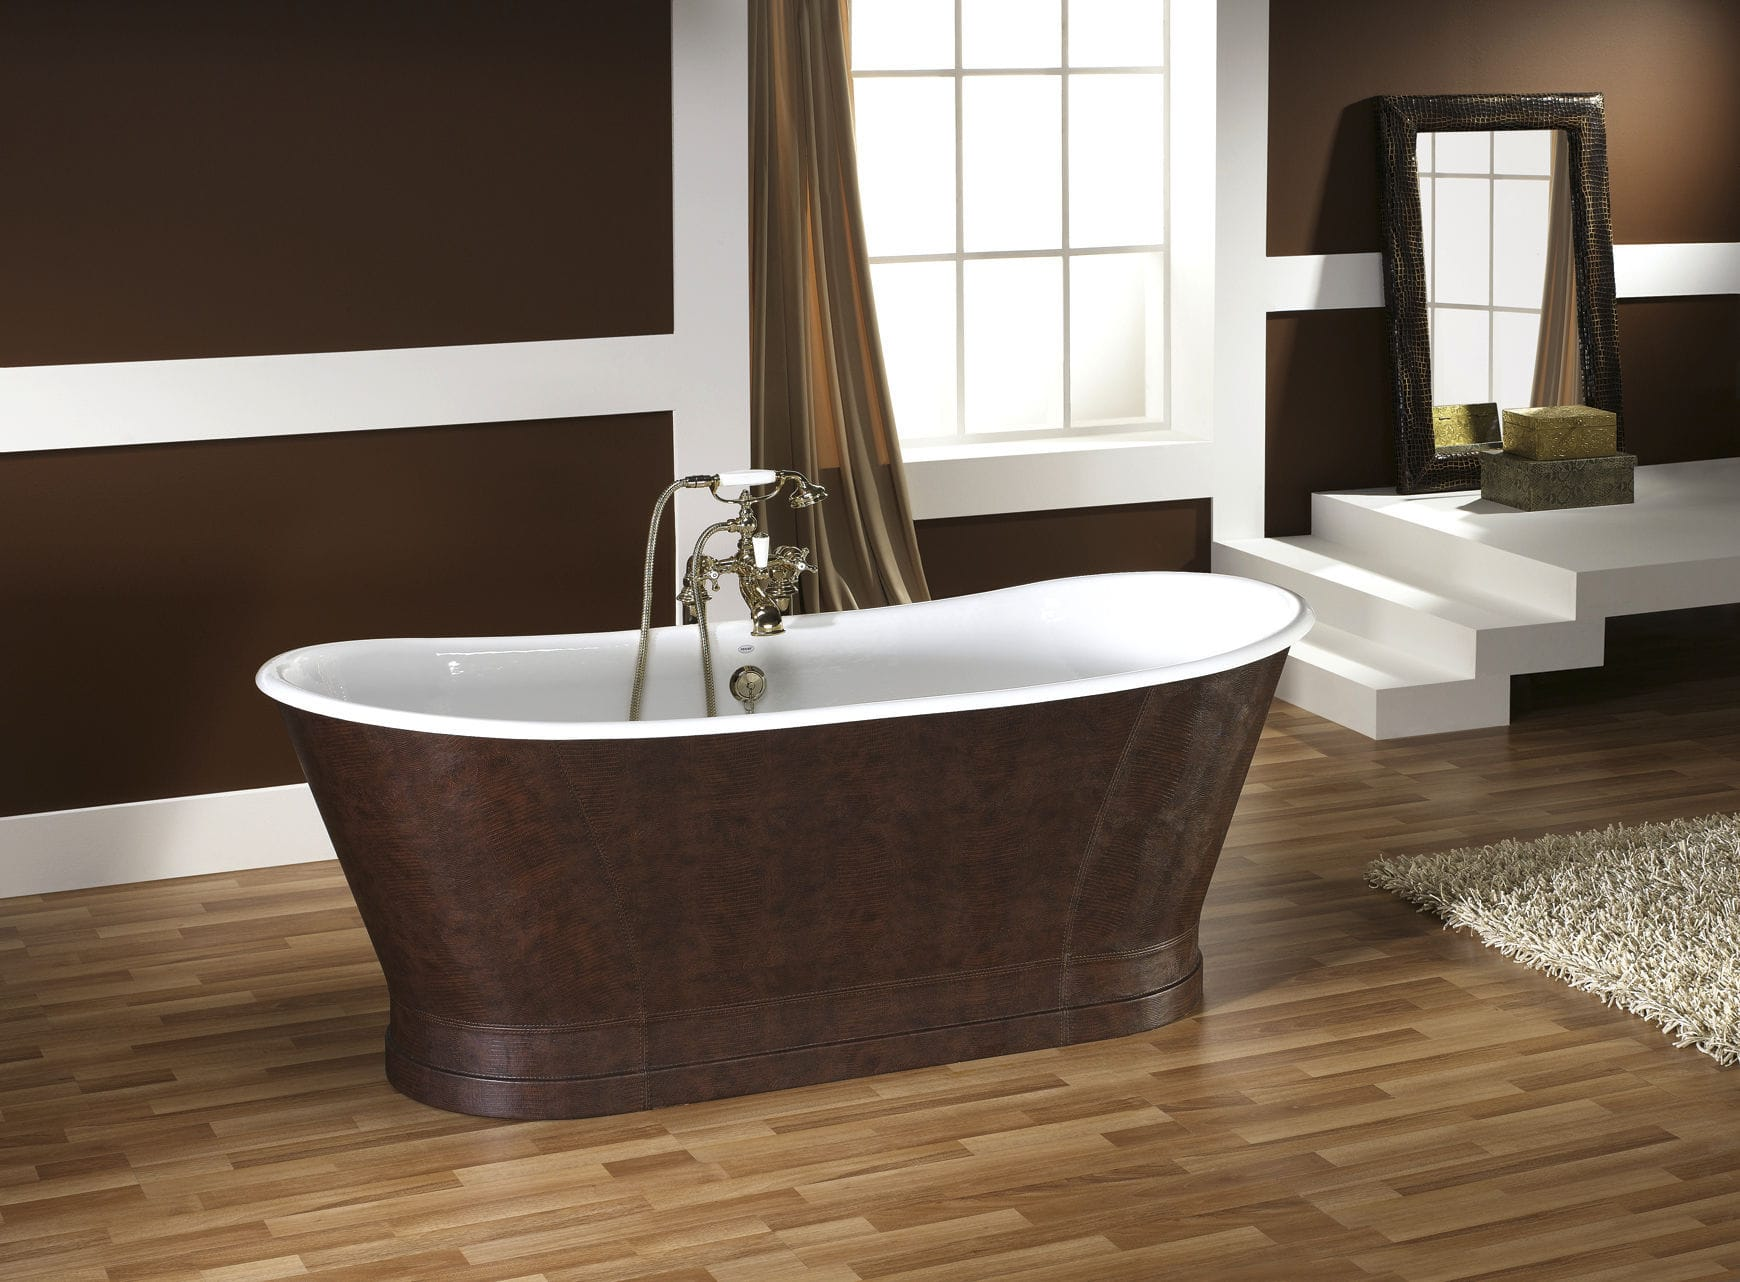 Freistehende Badewanne Oval Aus Gusseisen Kupfer Epoque Recor